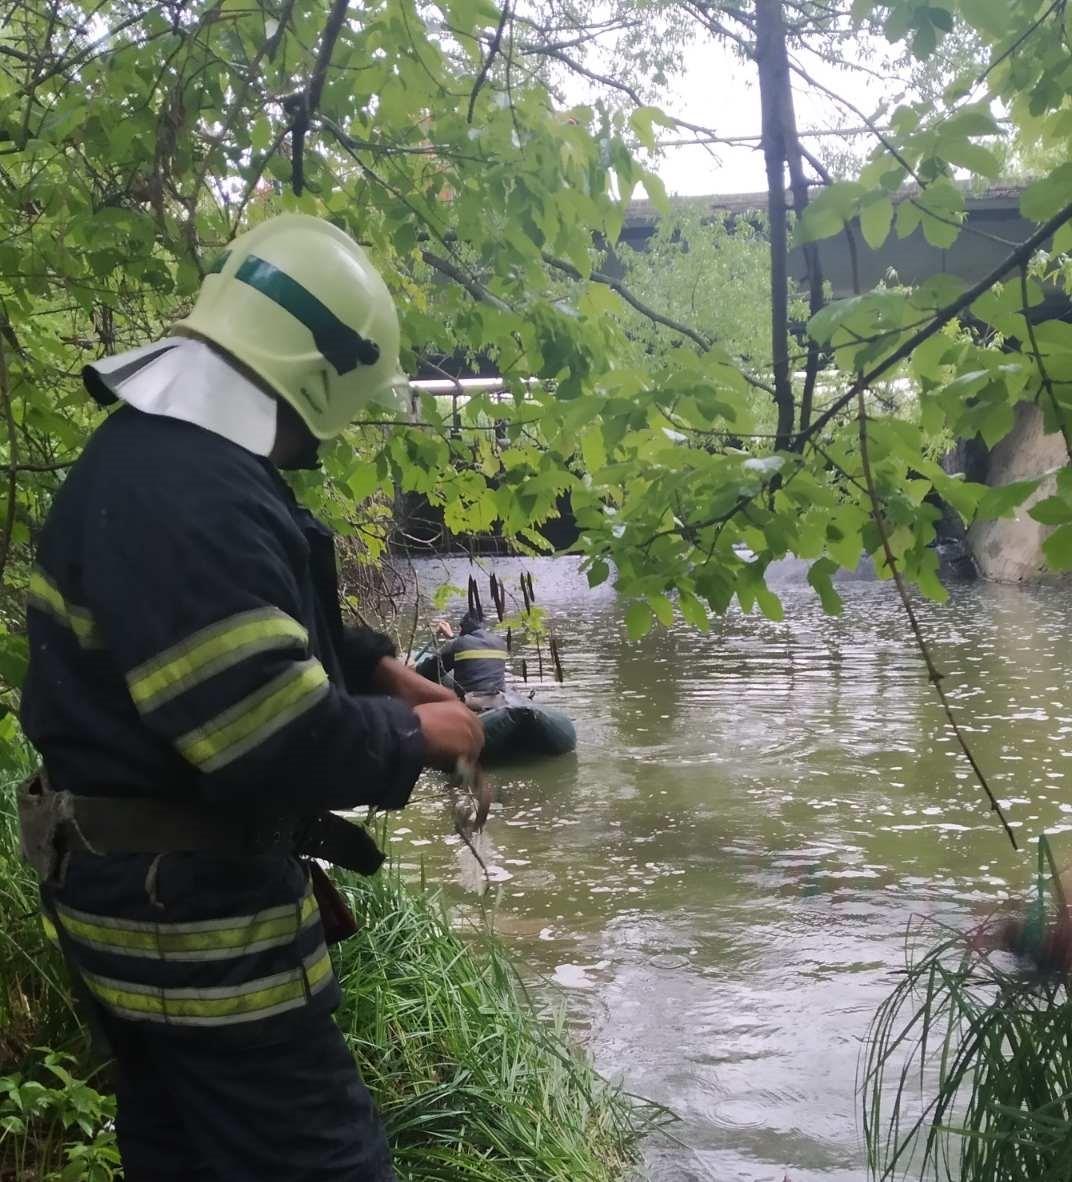 На Фастівщині втопилась жінка - Фастівський район, Кожанка - foto 1